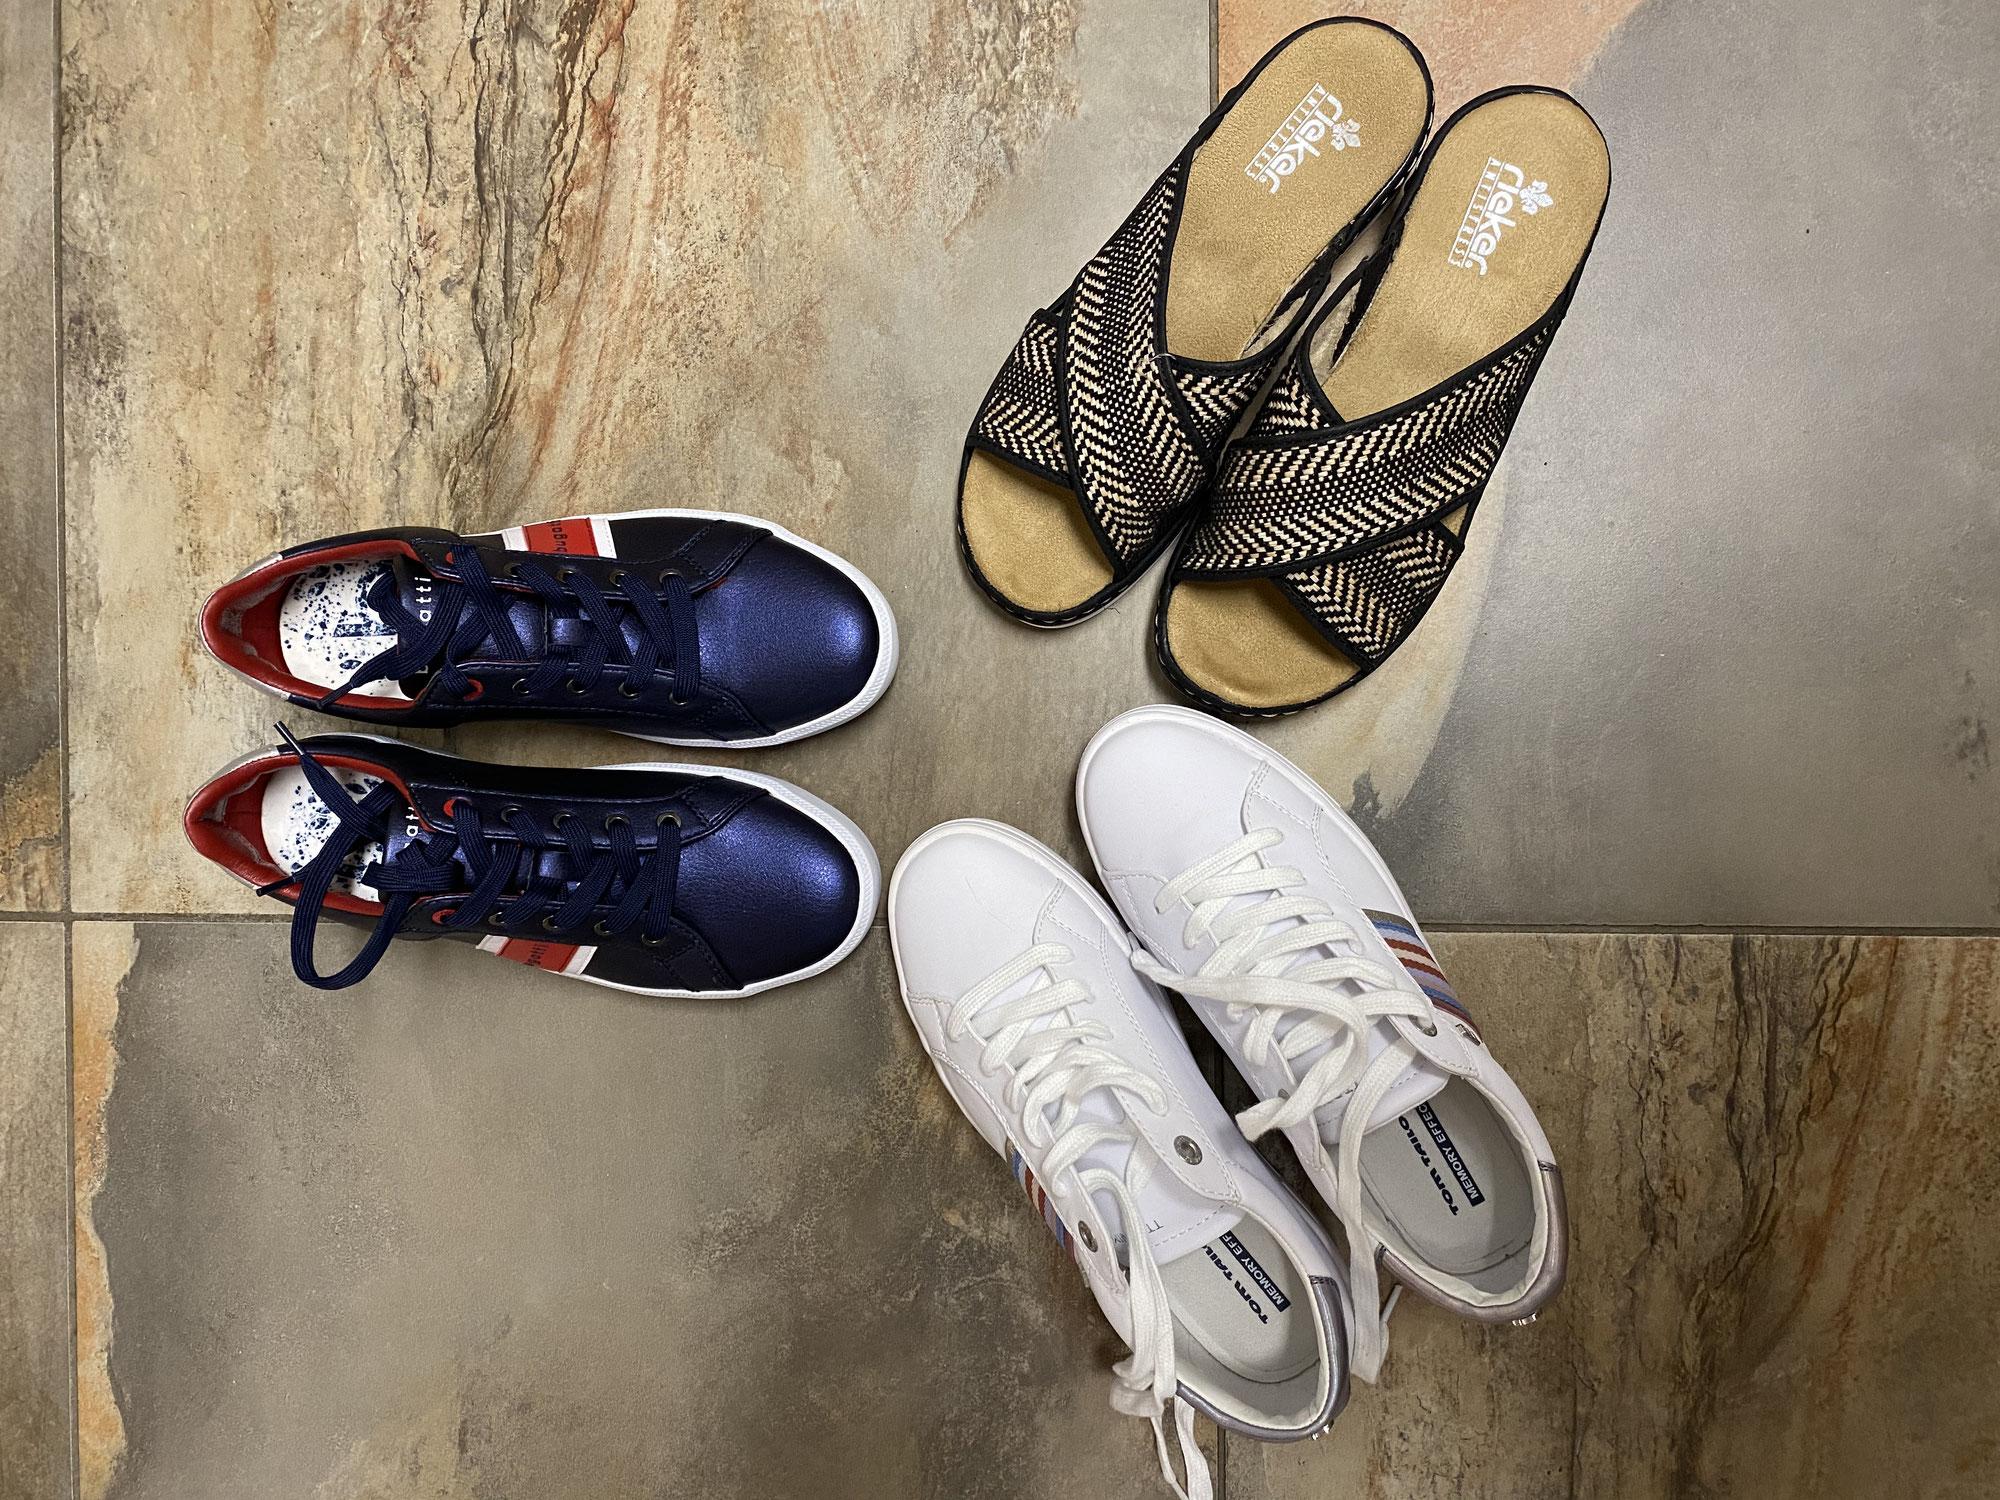 Schuhe -  damit deine neue Frühlingsgarderobe nicht zum Chaos wird